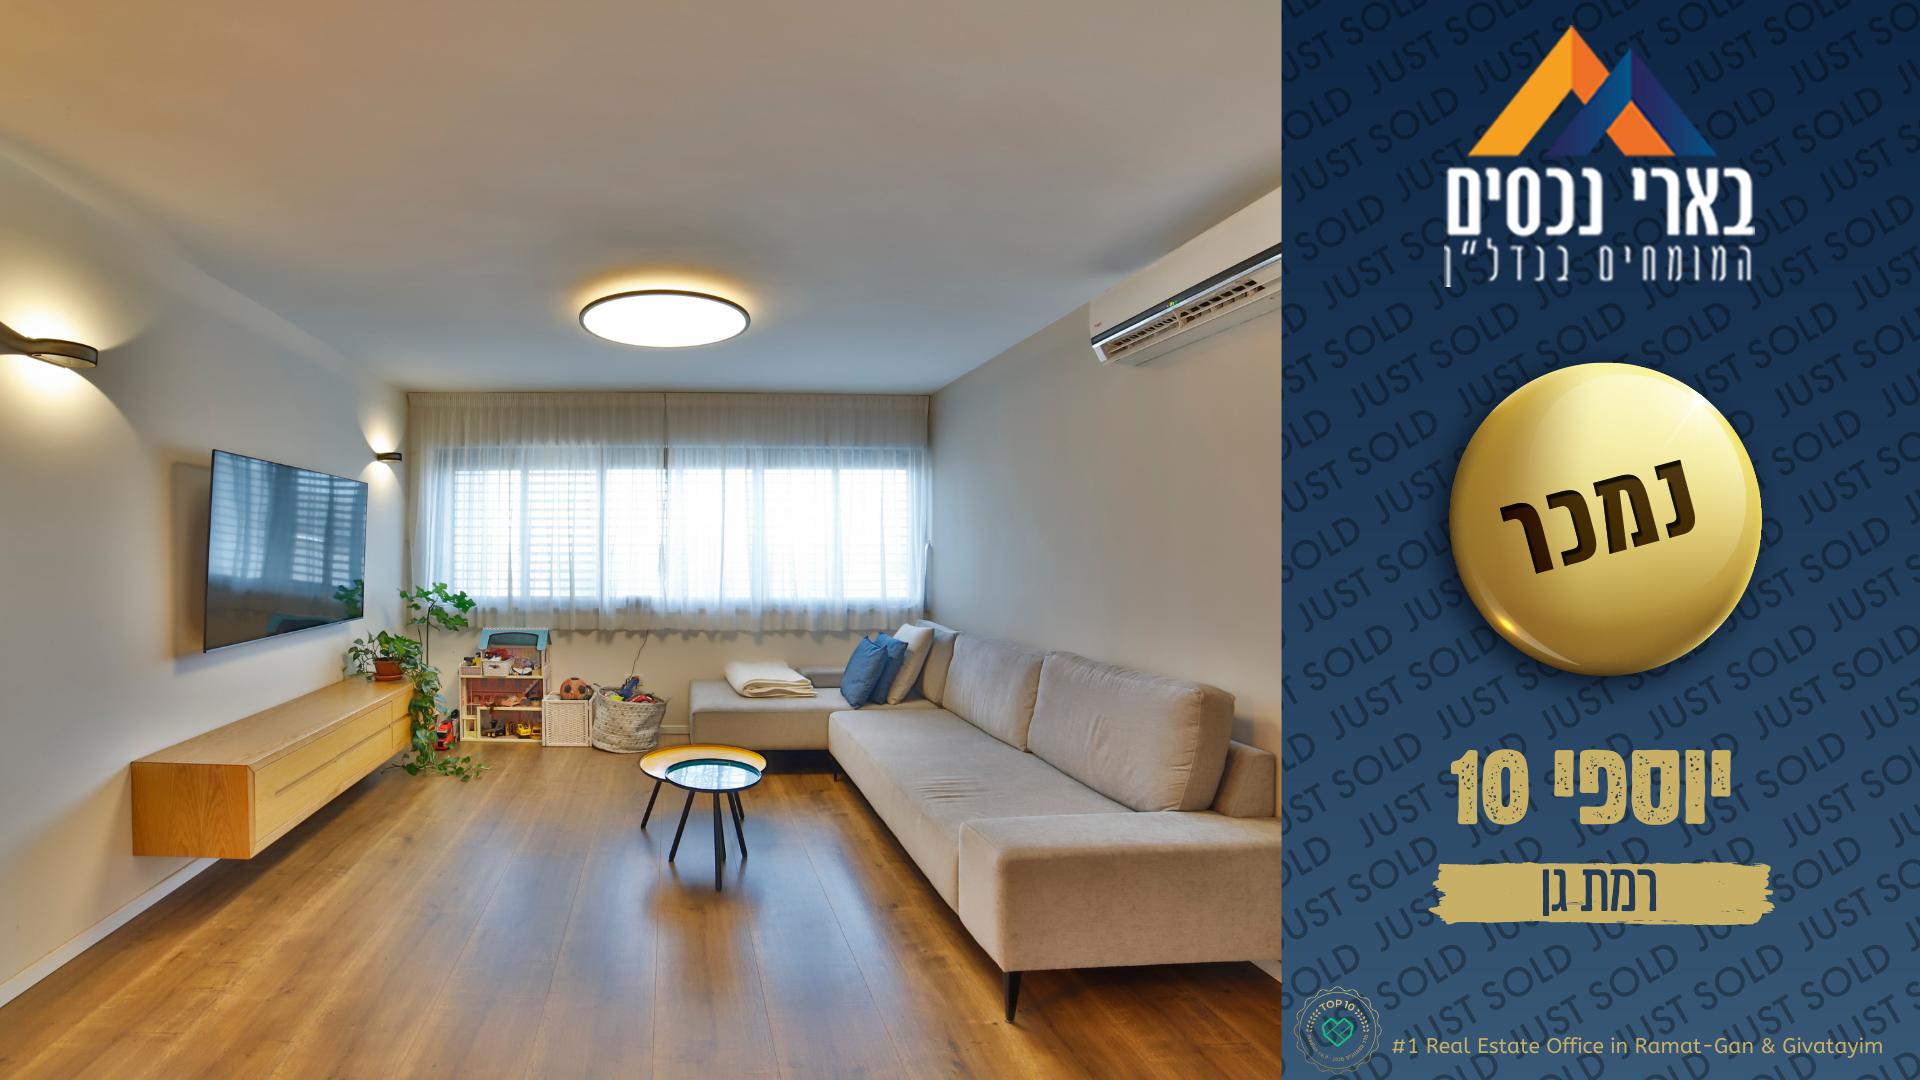 ברח׳ יוספי – נמכרה דירת 4 חד׳ מושקעת